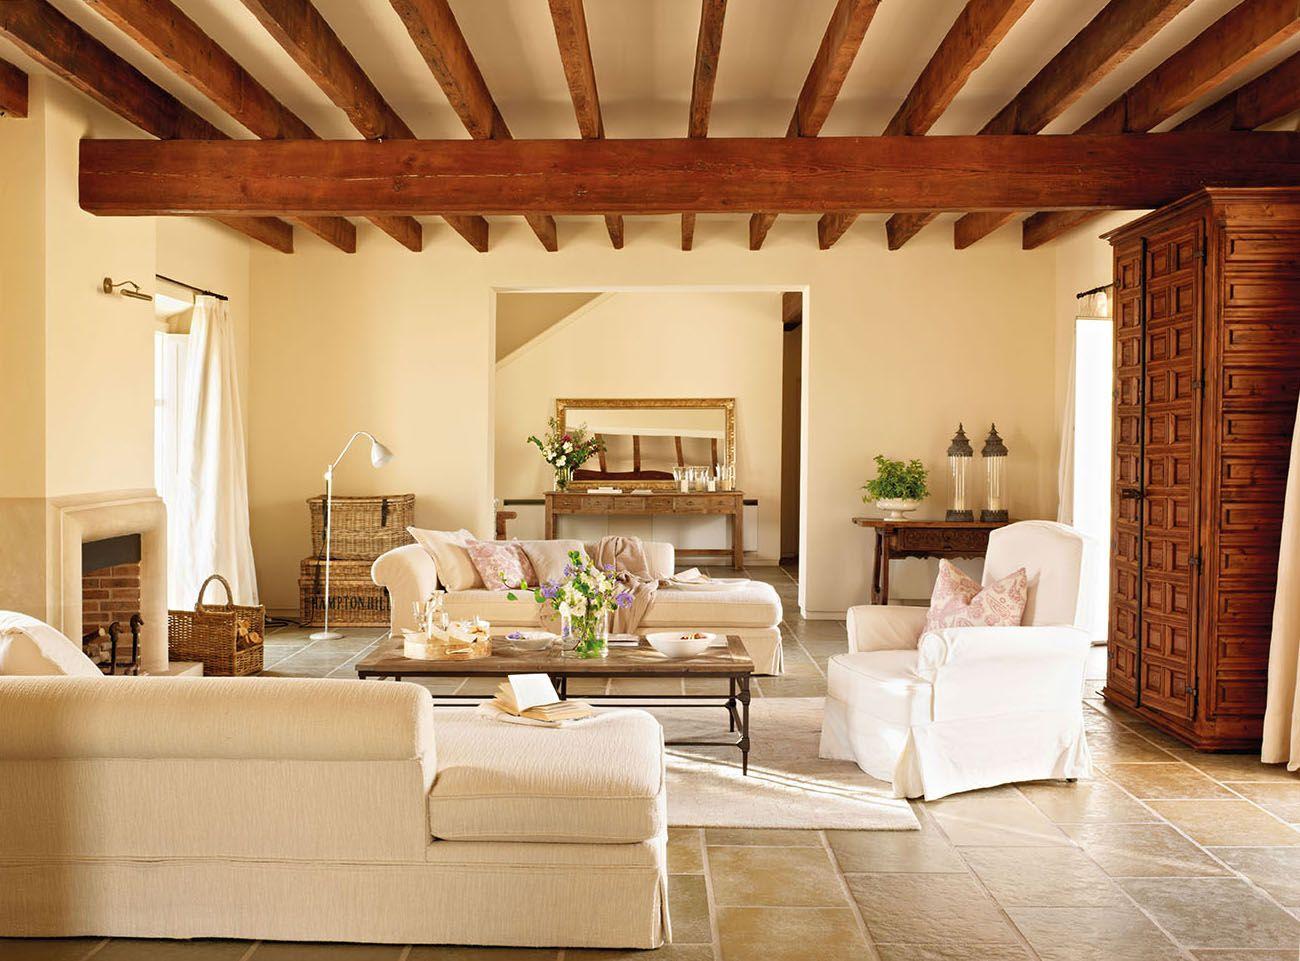 Tradicional Por Fuera Comoda Por Dentro Casas Modernas Interiores Casas De Un Piso Decoracion De Interiores